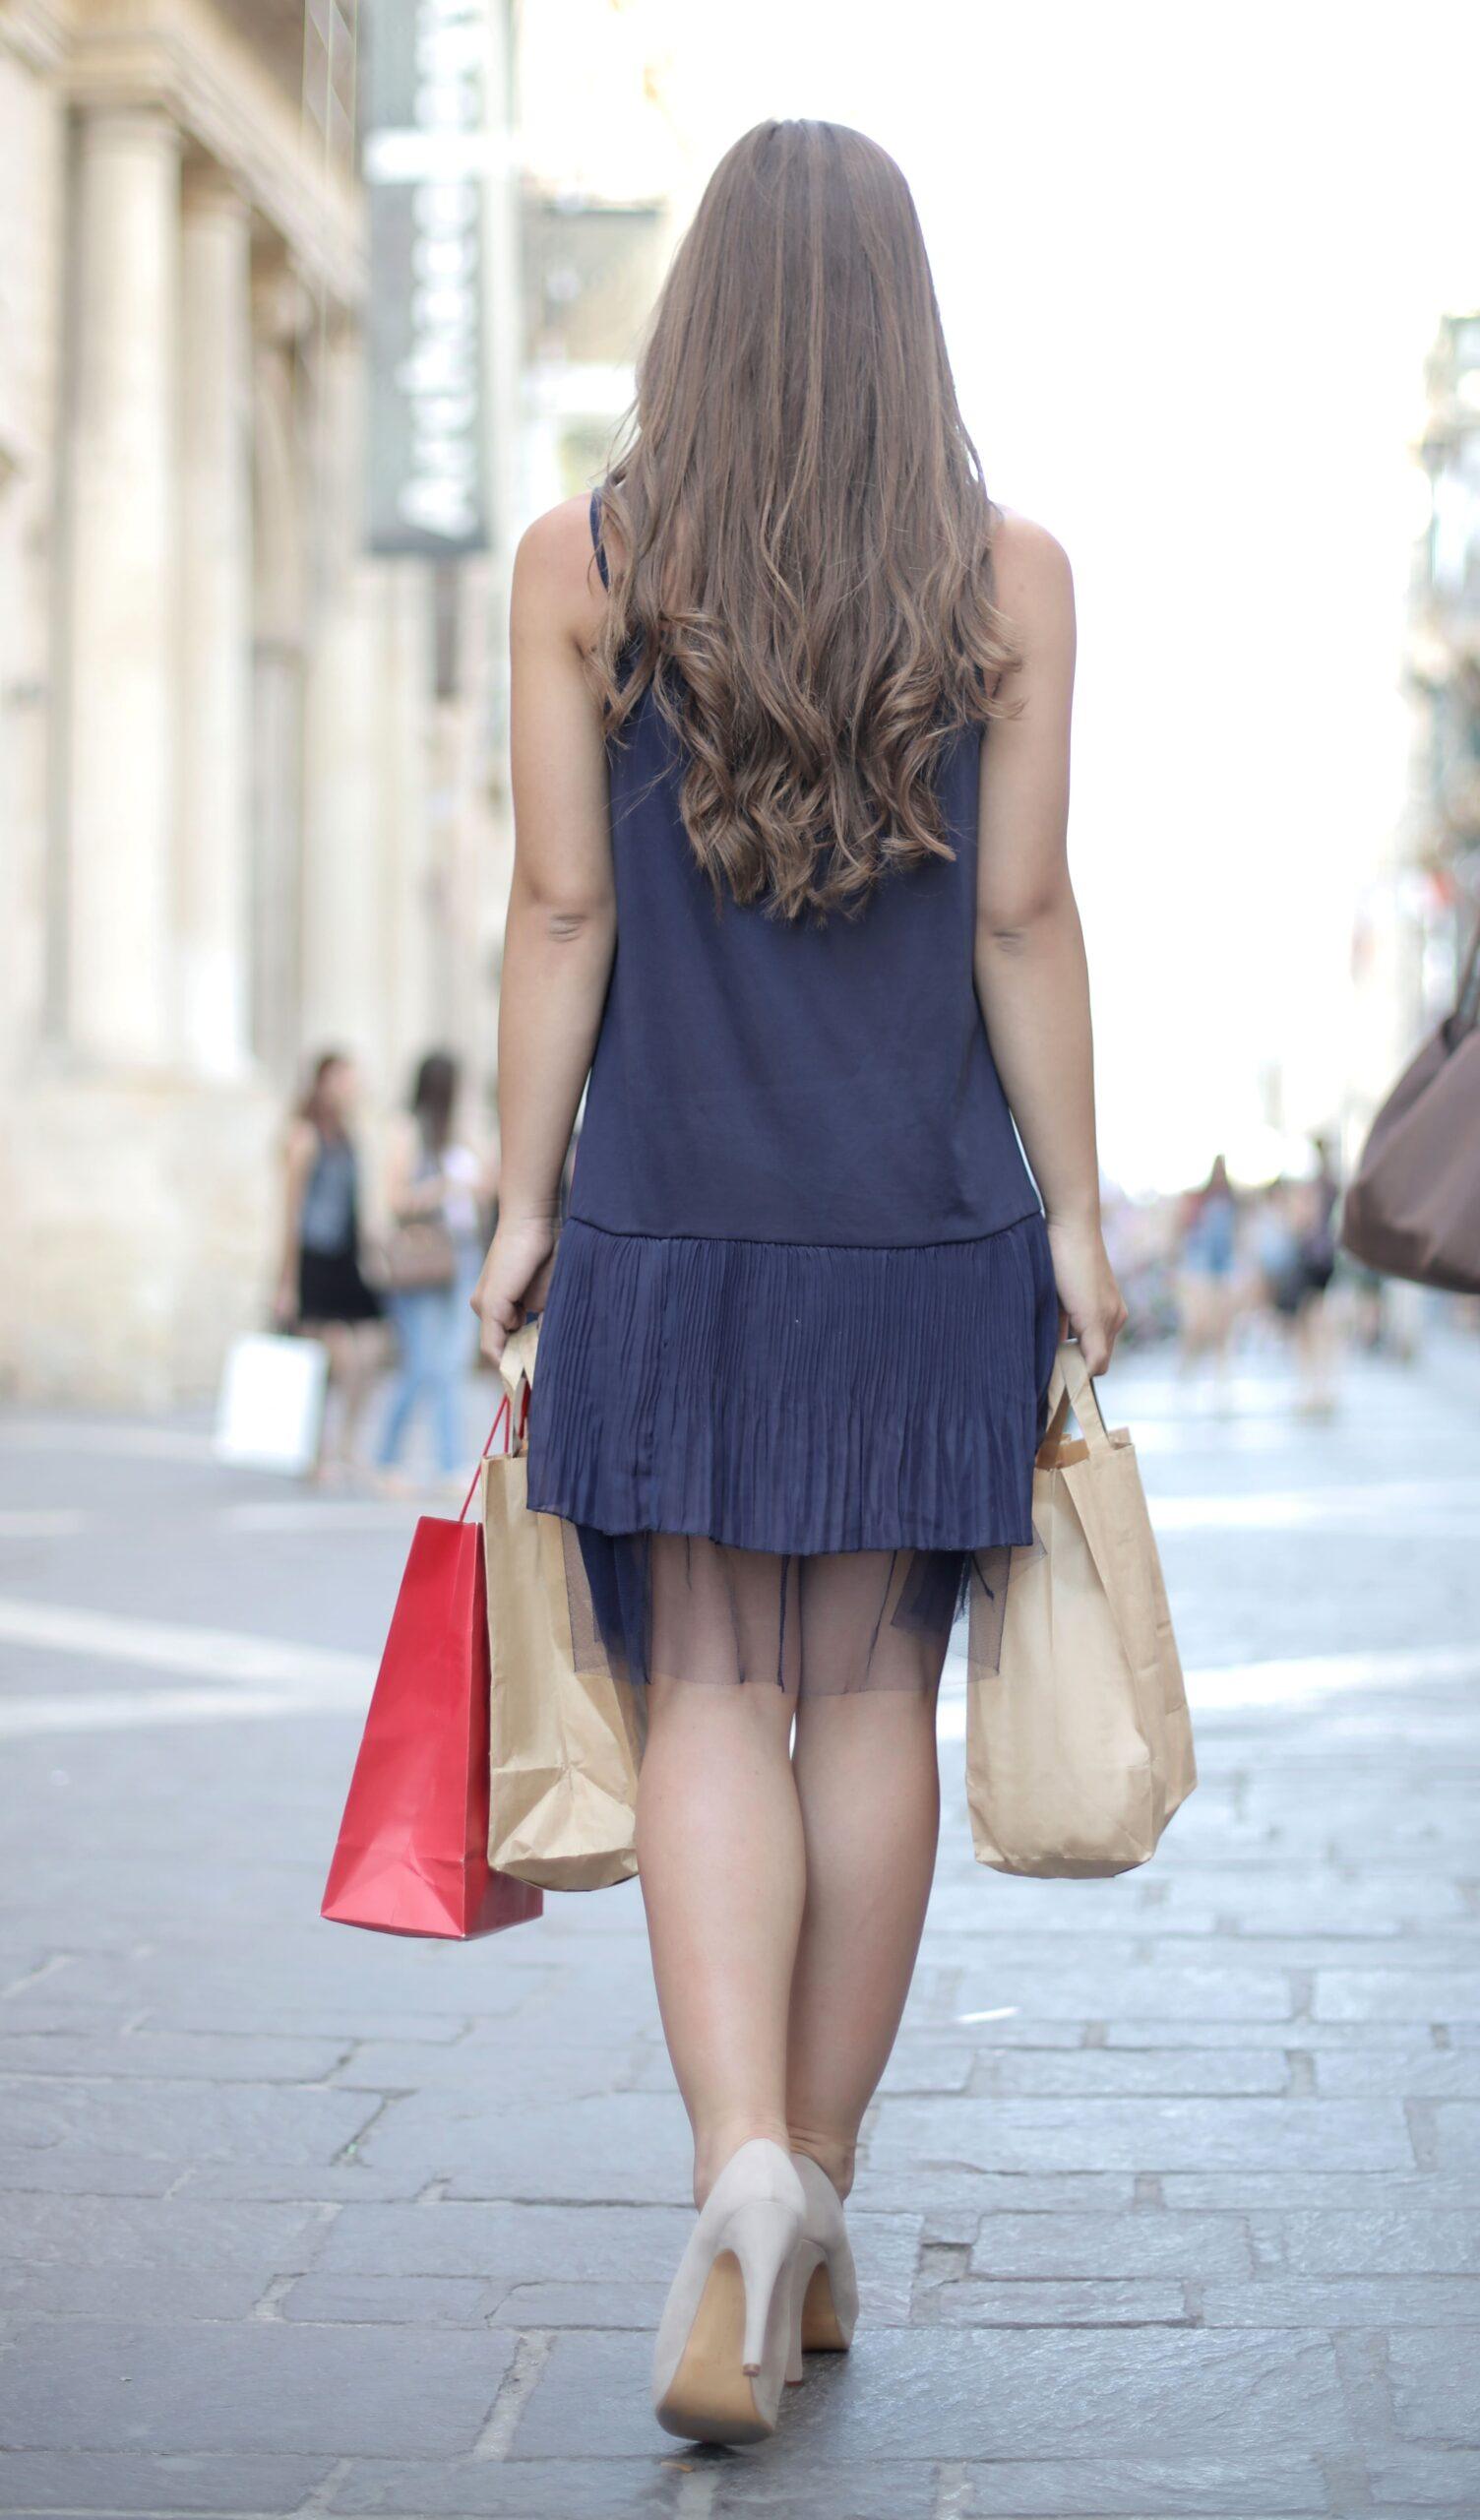 Pe Lavis.ro poti gasi pantofi cu toc din piele naturala de dama ce poate fi asortata stilului tau business